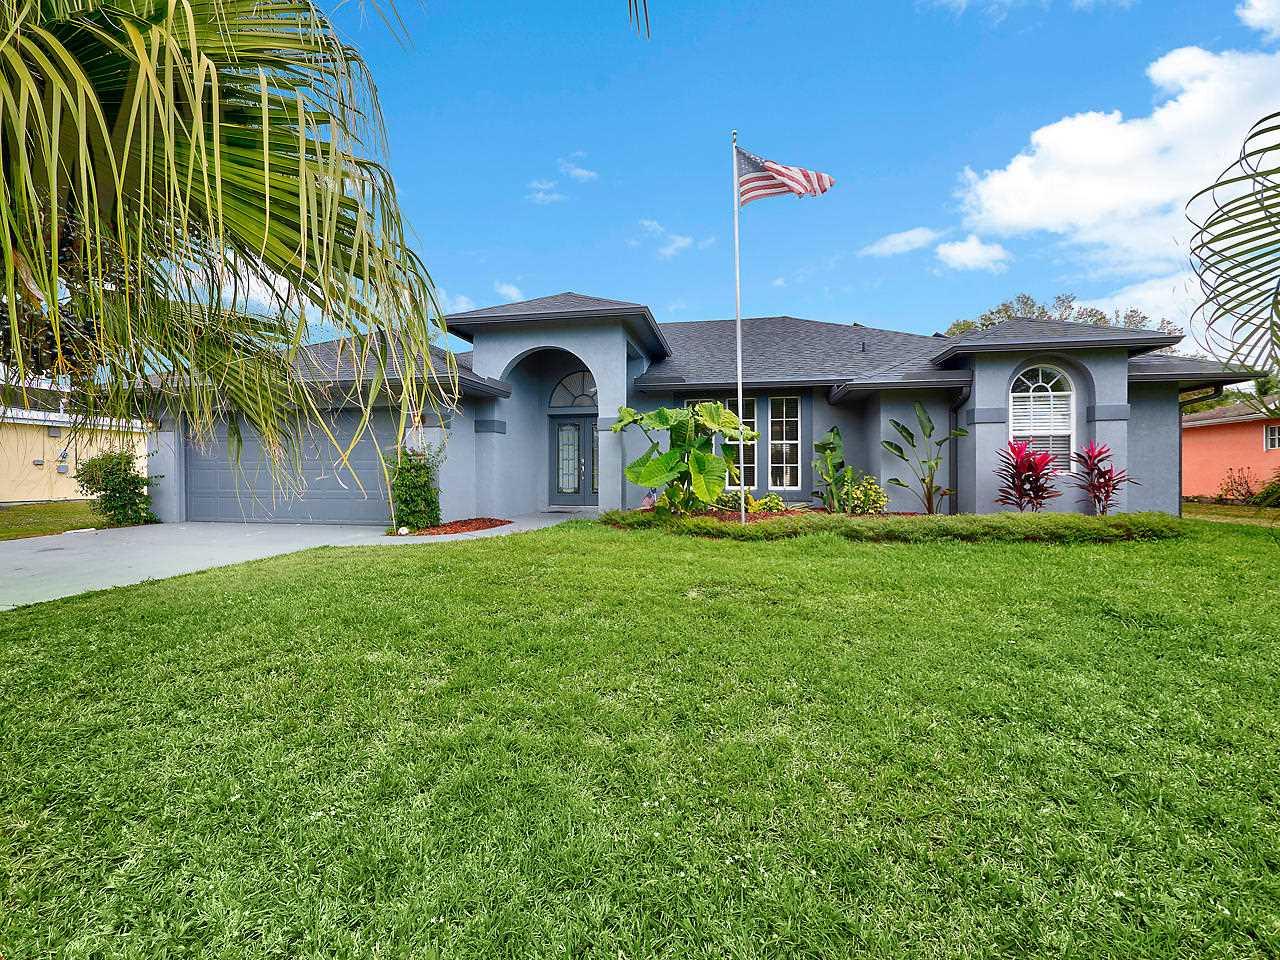 2786 SE Clareton Terrace Port Saint Lucie, FL 34952 | MLS RX-10503655 Photo 1